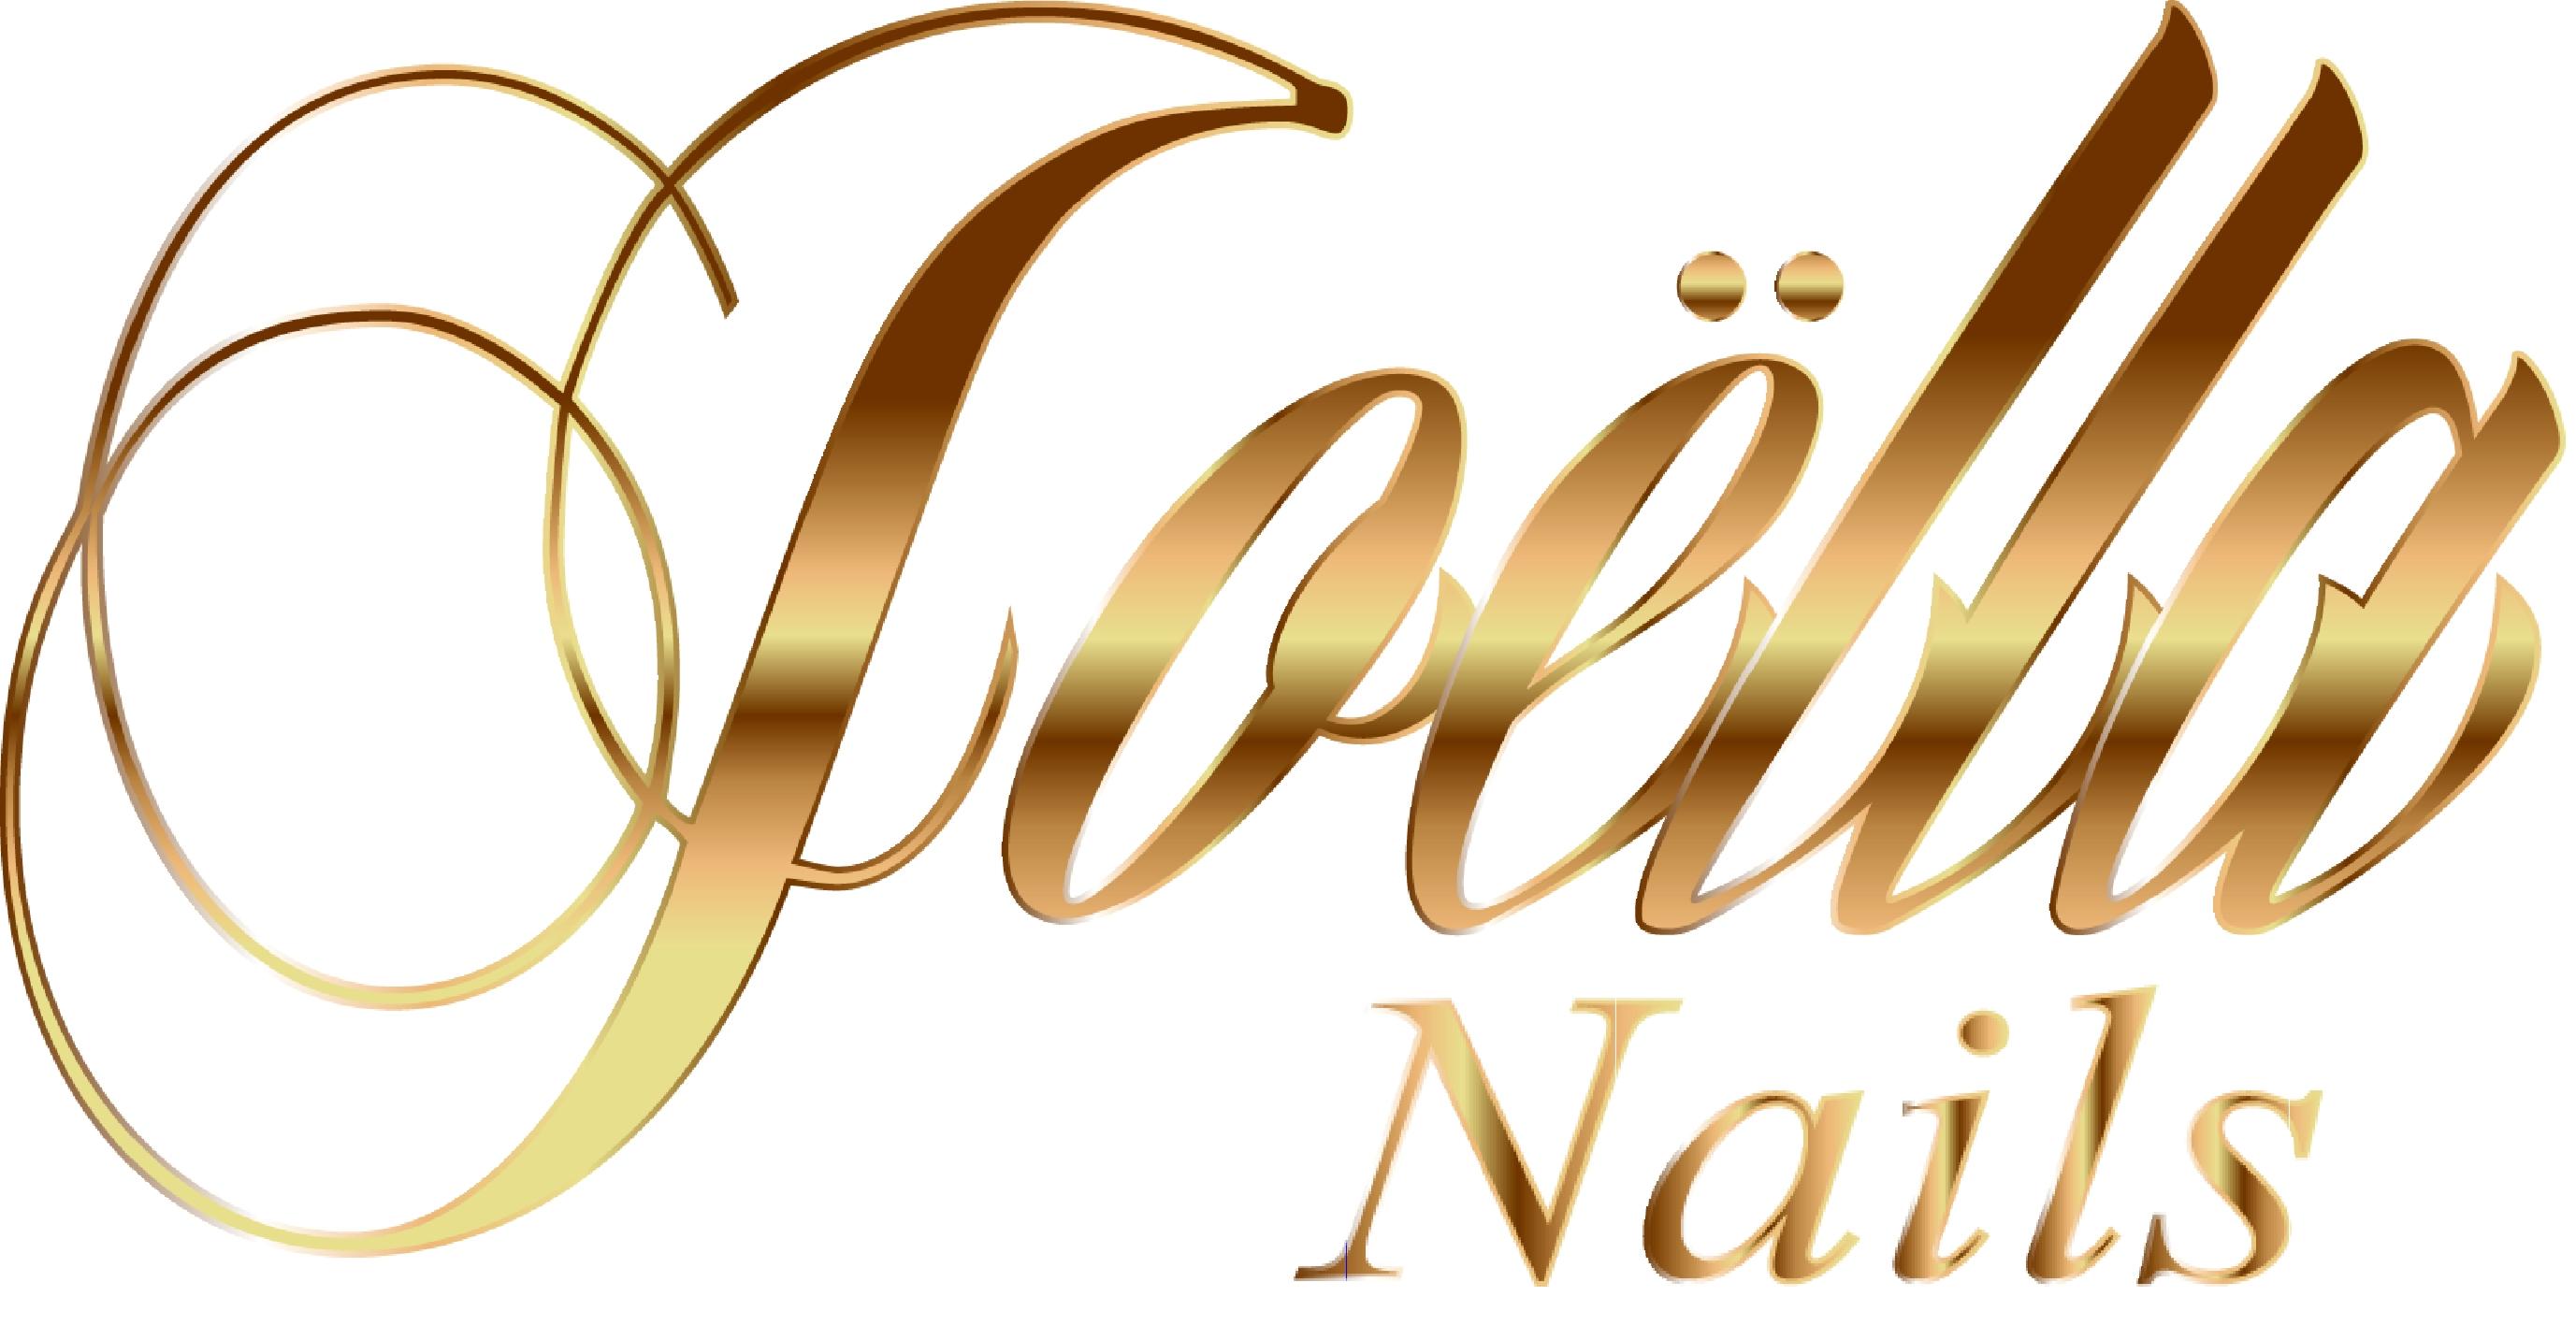 Nail Art Brushes   Joëlla Nails - Joëlla Nails